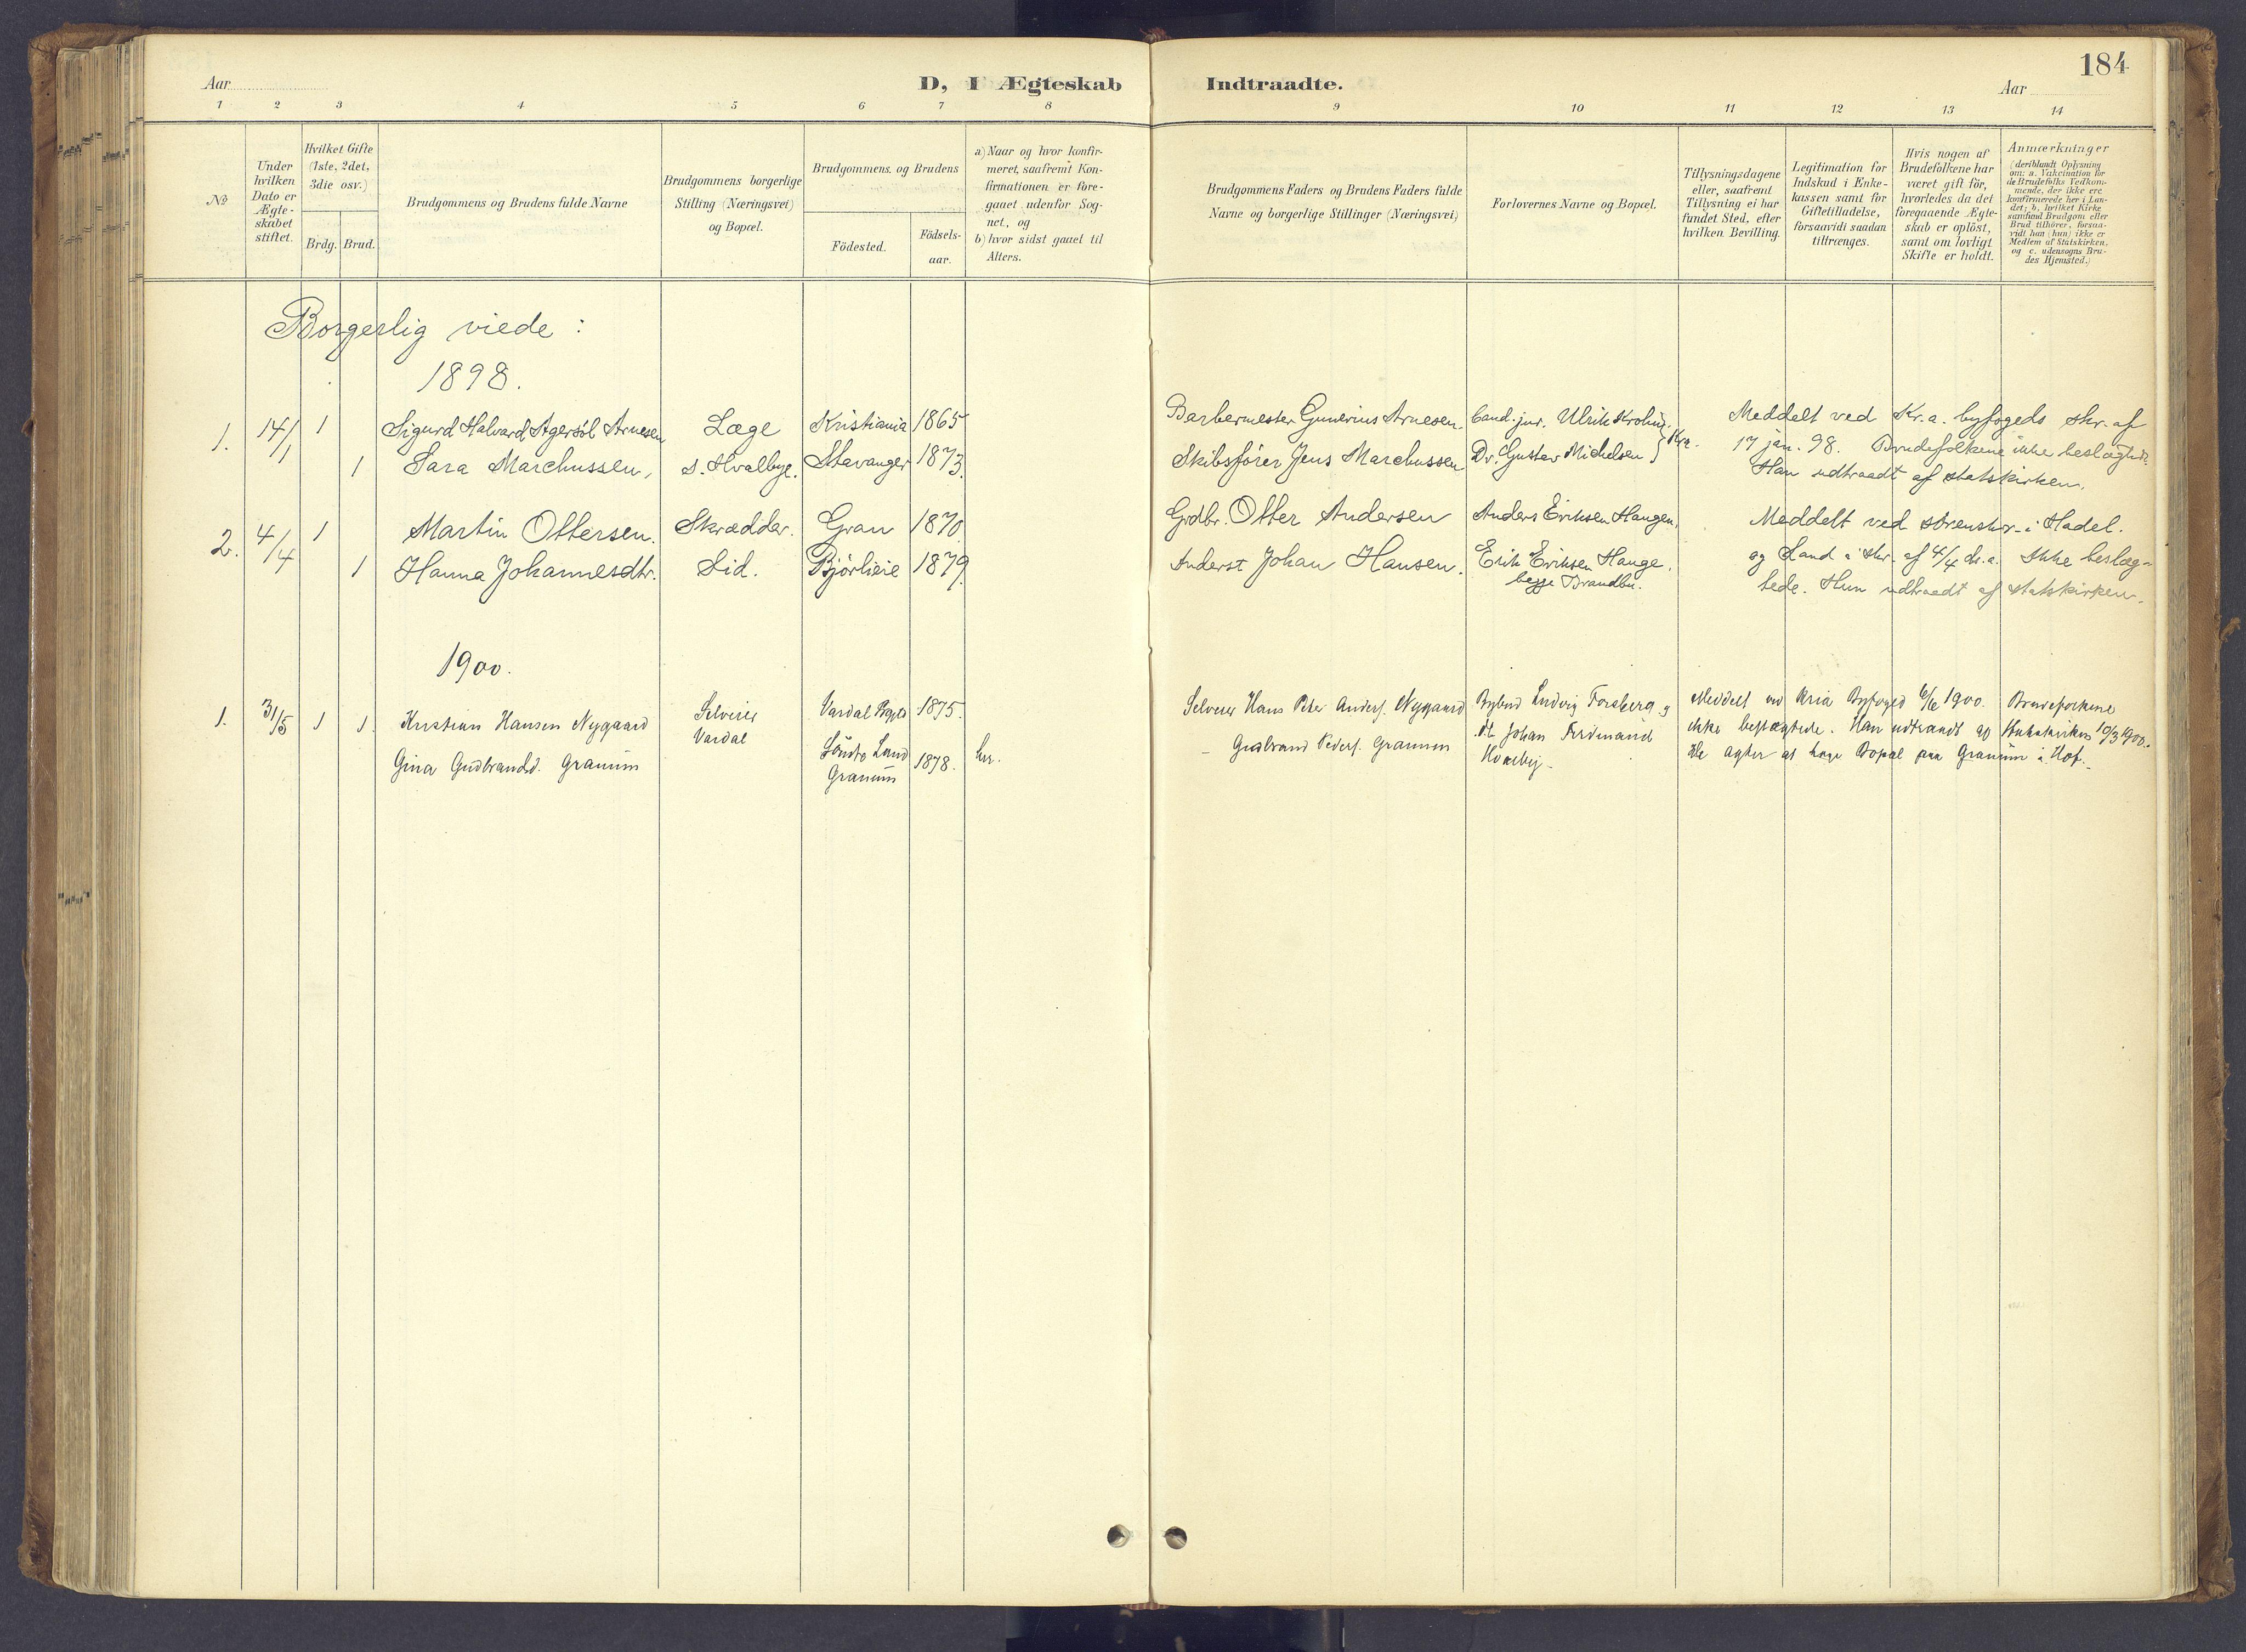 SAH, Søndre Land prestekontor, K/L0006: Ministerialbok nr. 6, 1895-1904, s. 184